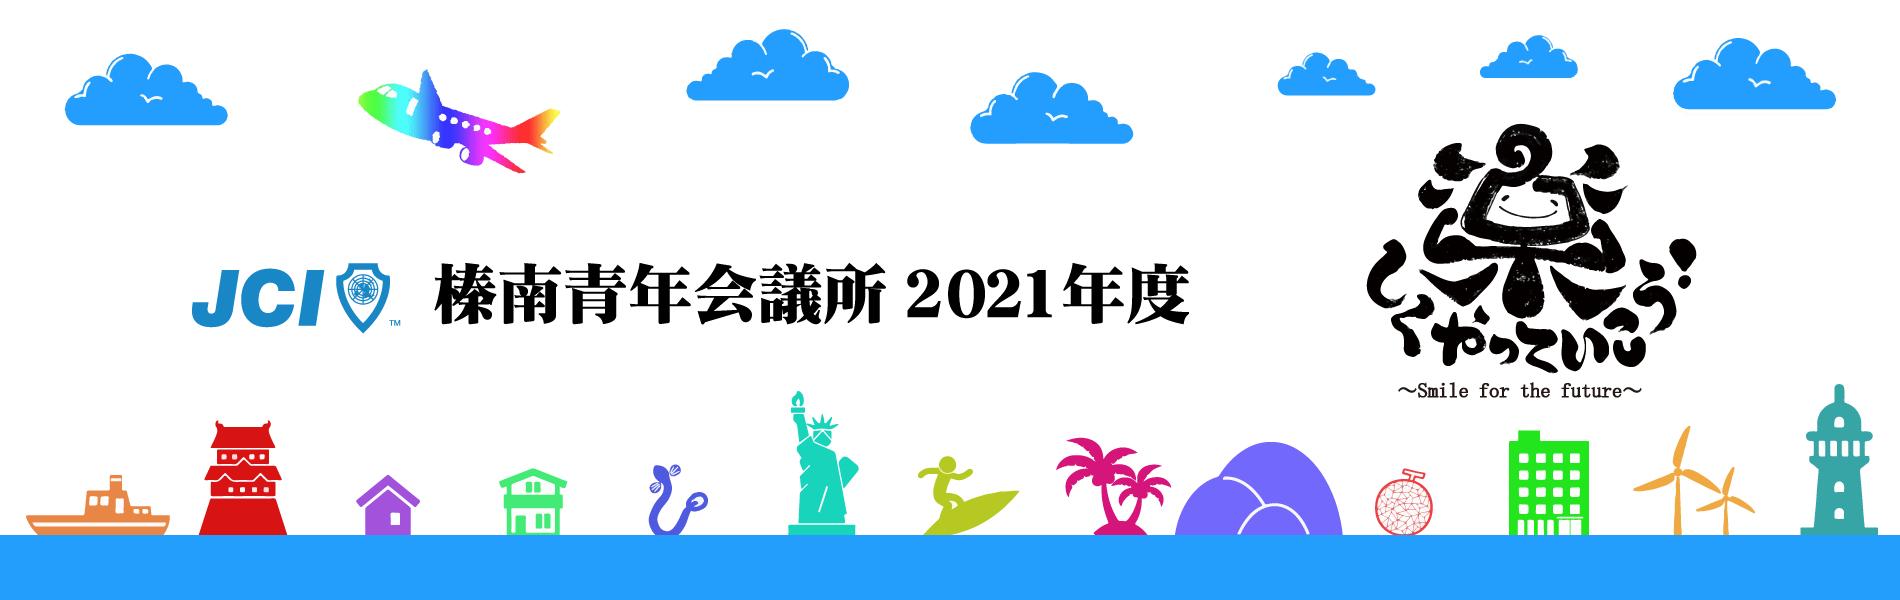 榛南青年会議所2021年度スローガン 楽しくやっていこう!~Smile for the future~~